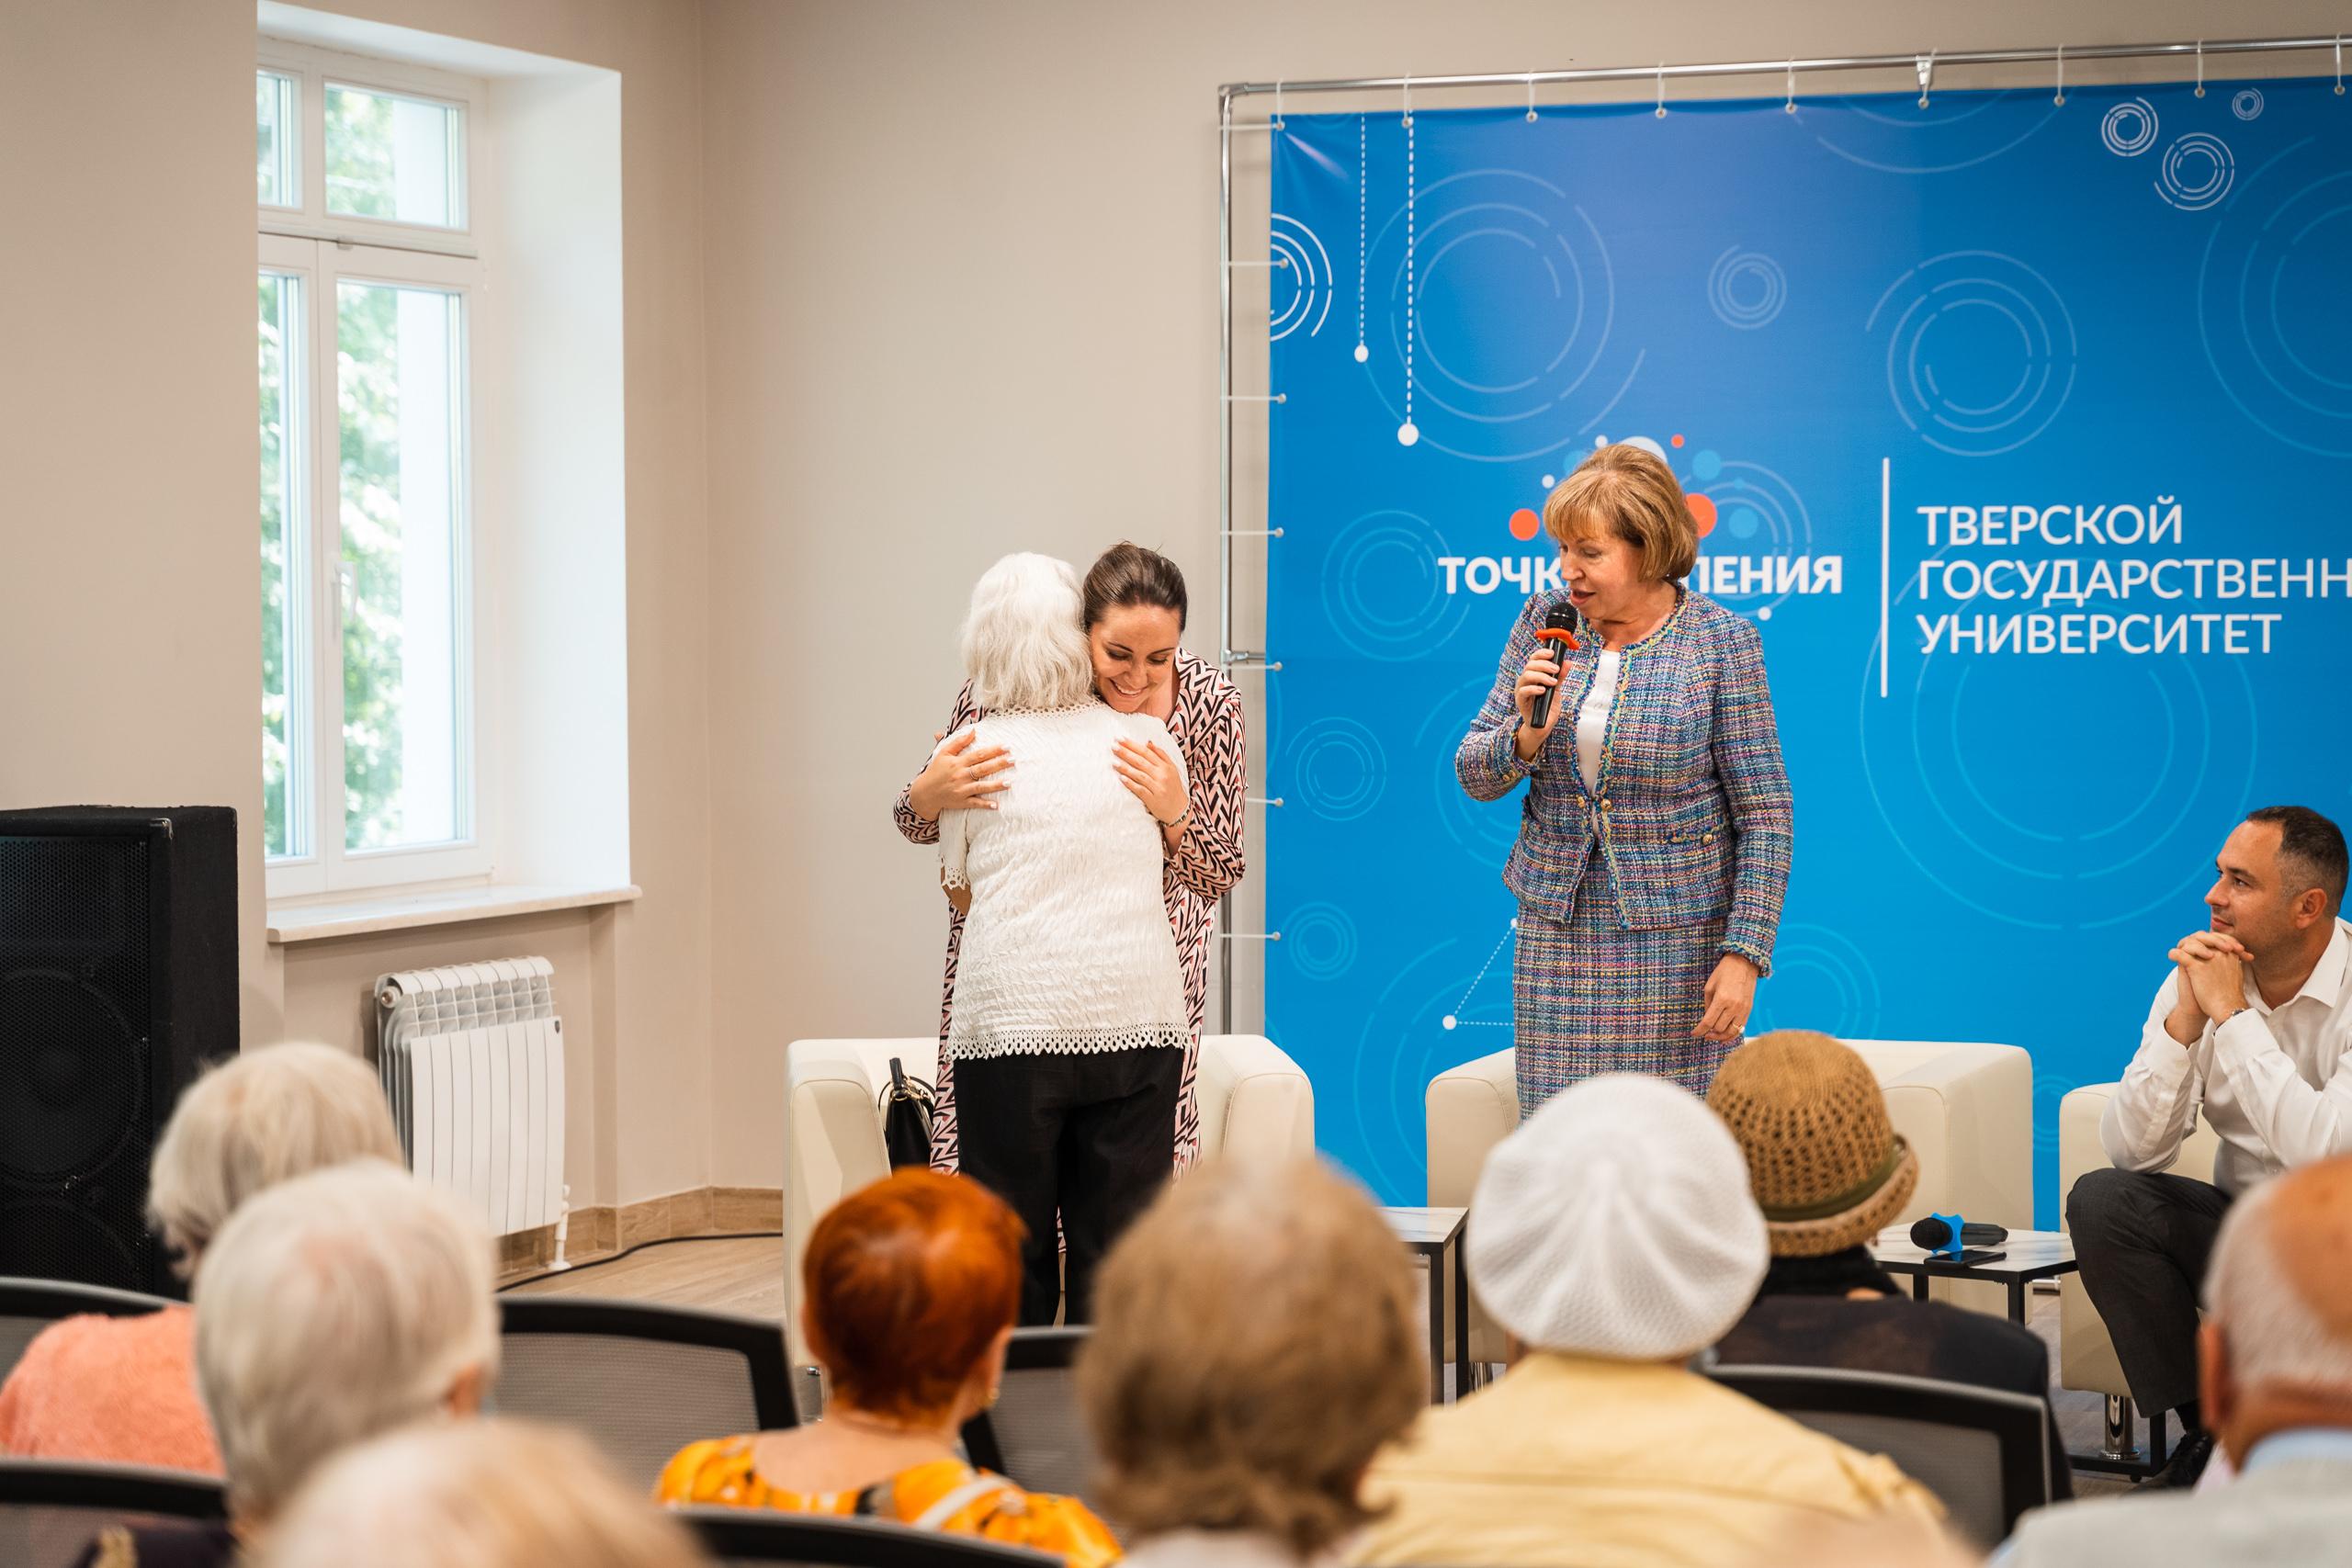 Юлия Саранова: Всё созданное должно «прорастать»